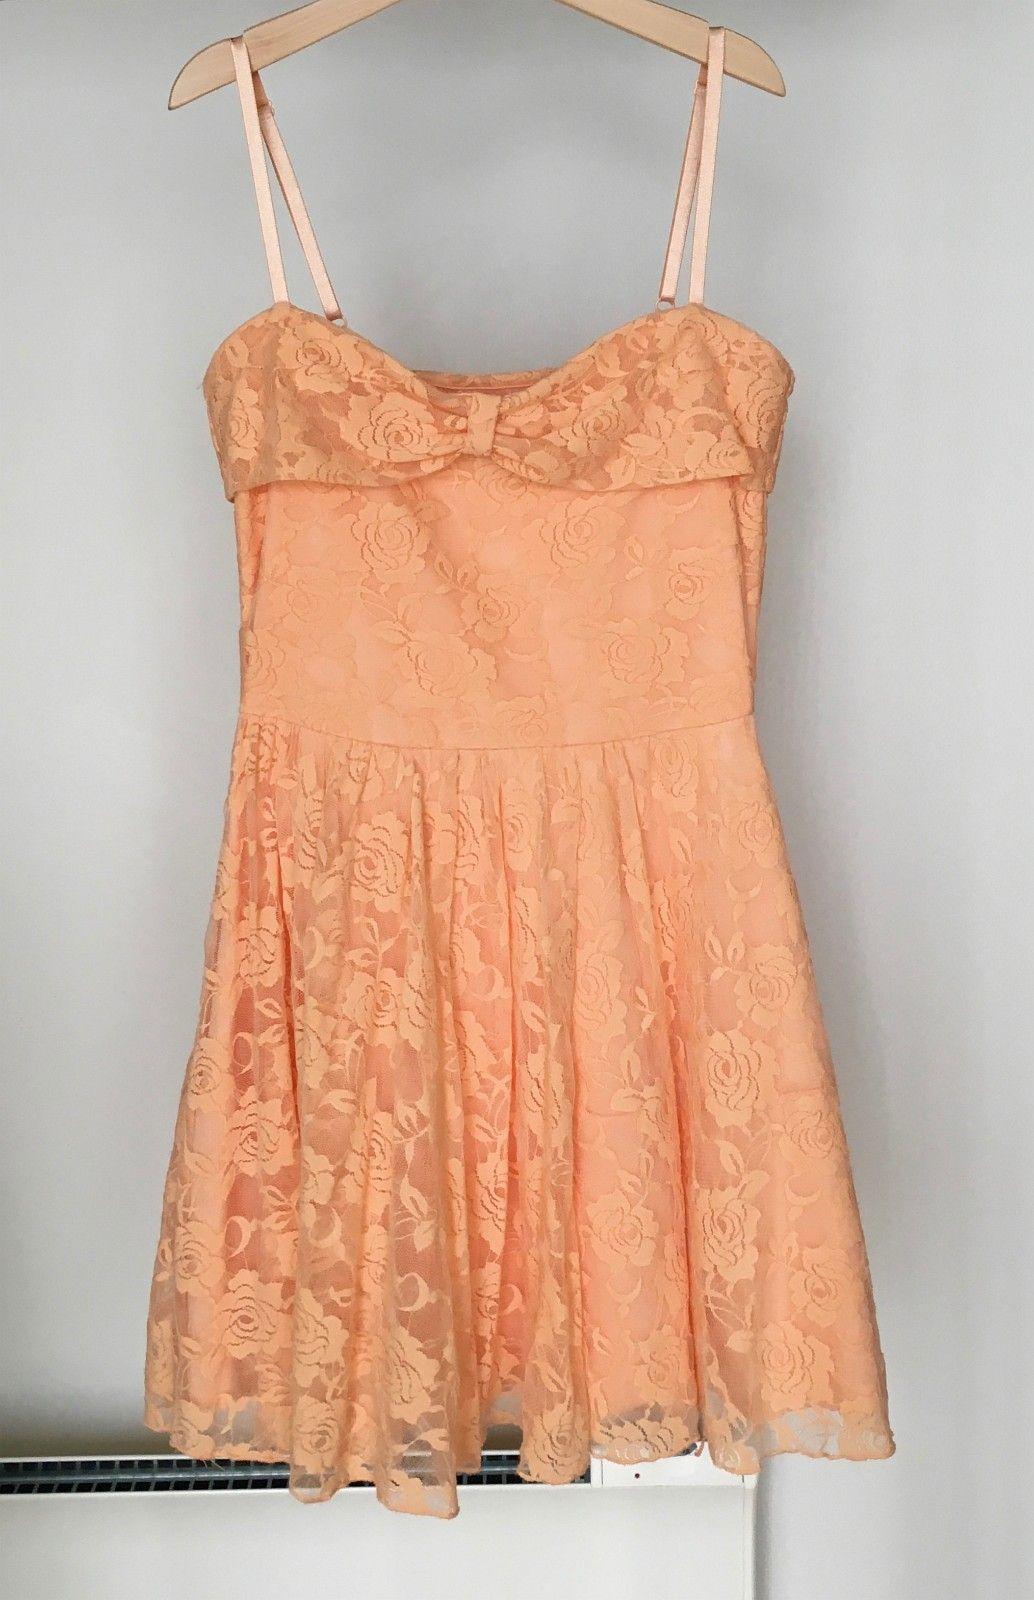 eb955f52 Pent brukt kjole til jente i str. S selges 150,-kr | FINN.no